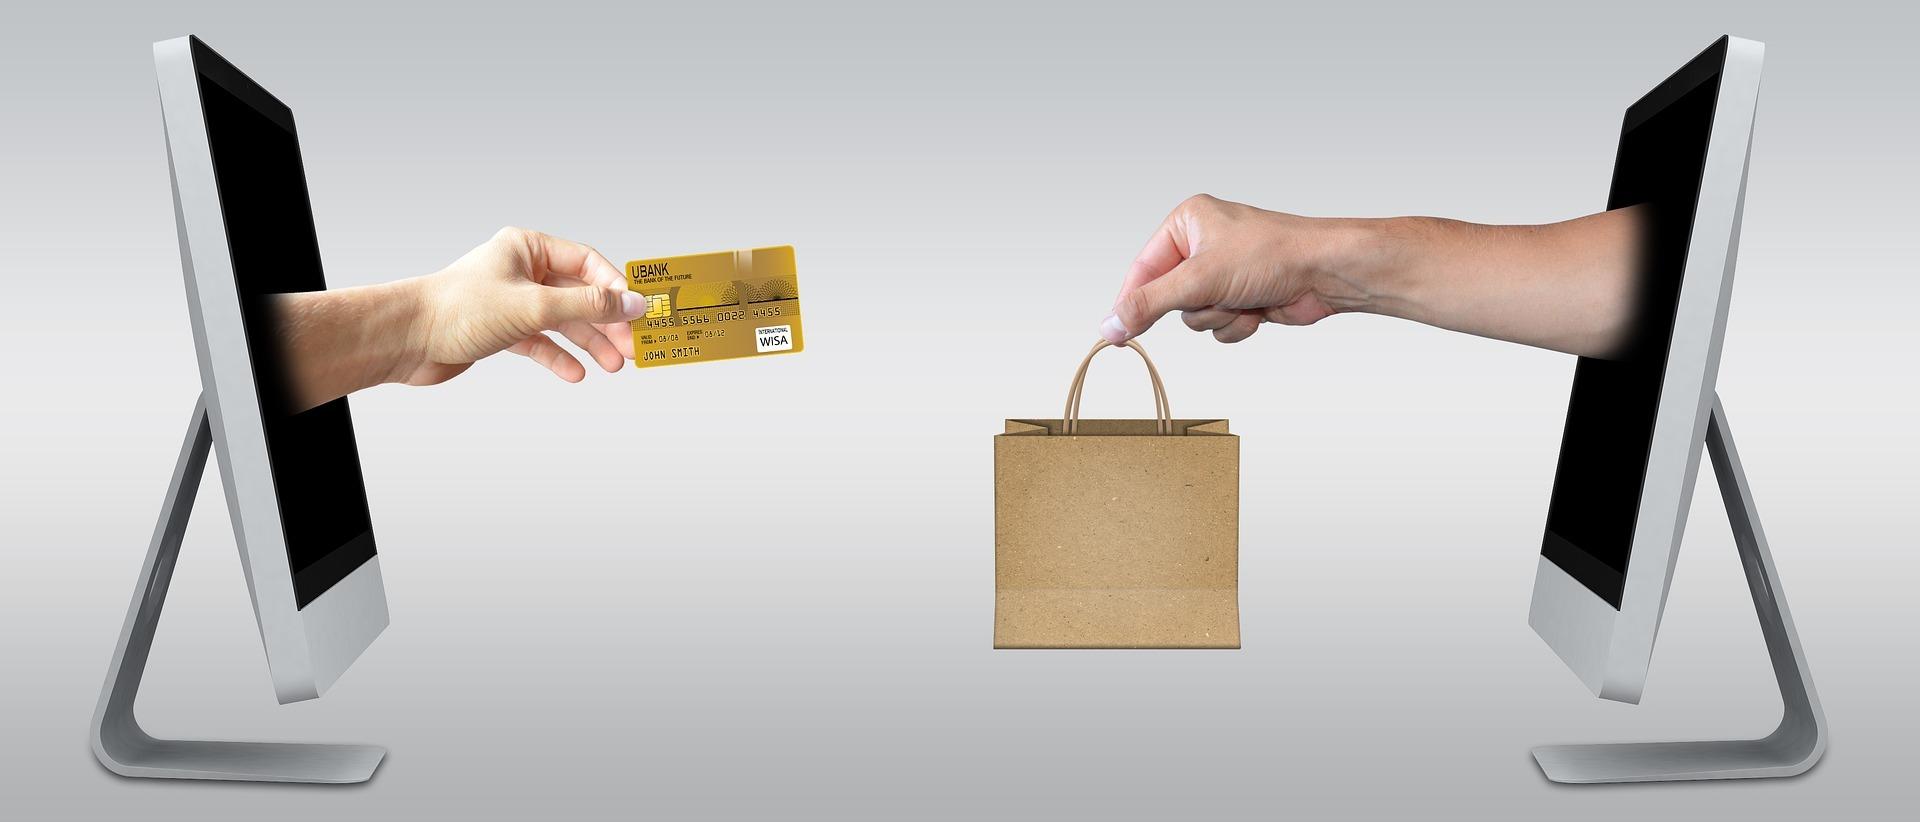 Geld sparen beim Online Shopping auf konsumguerilla.de